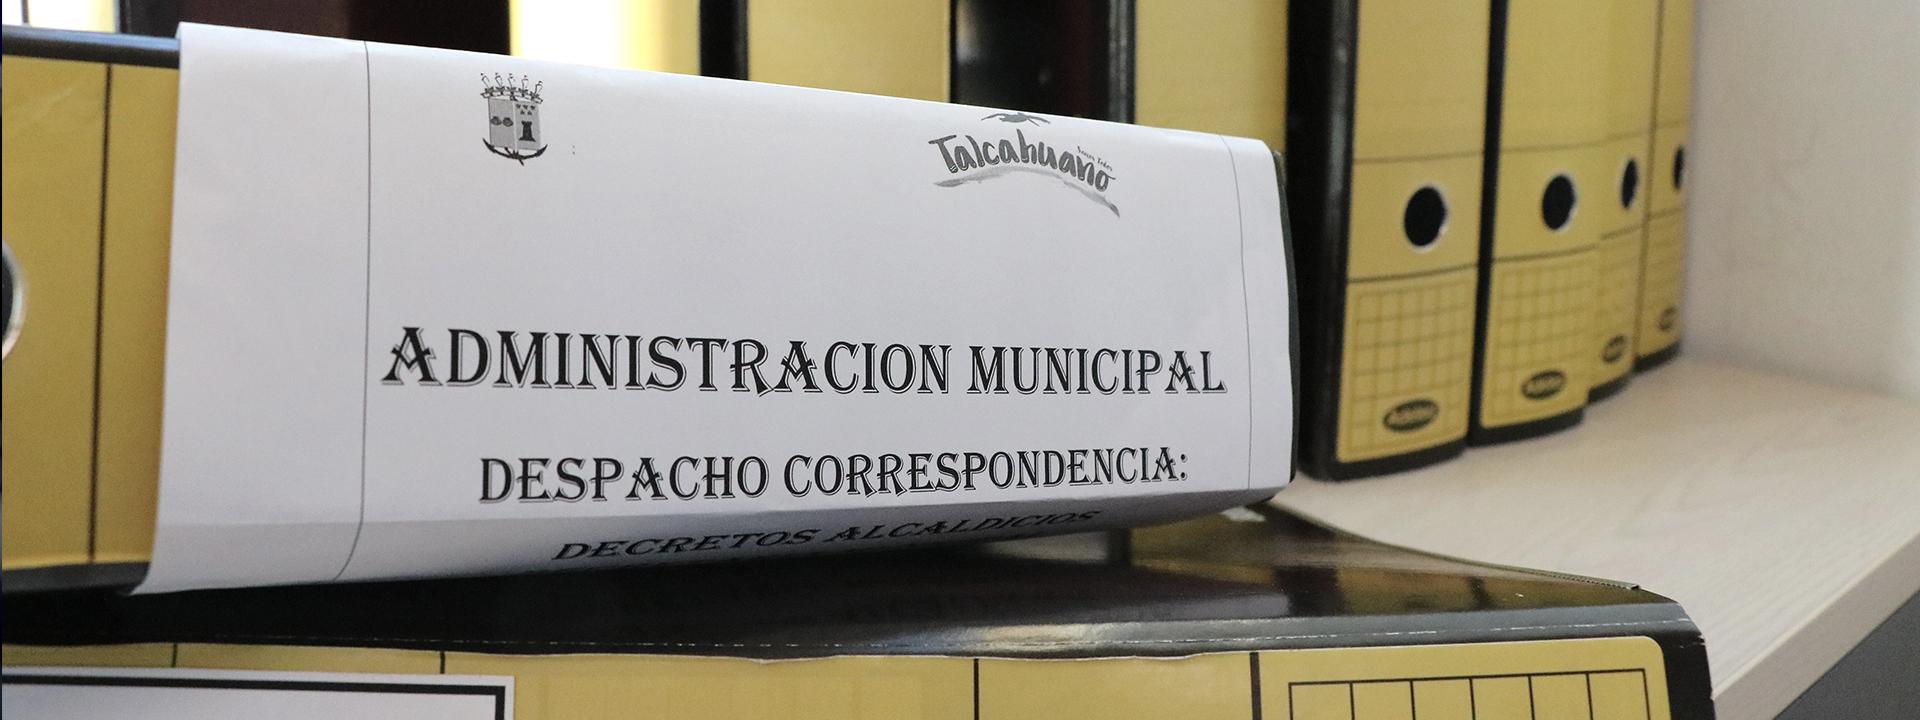 Administración Municipal